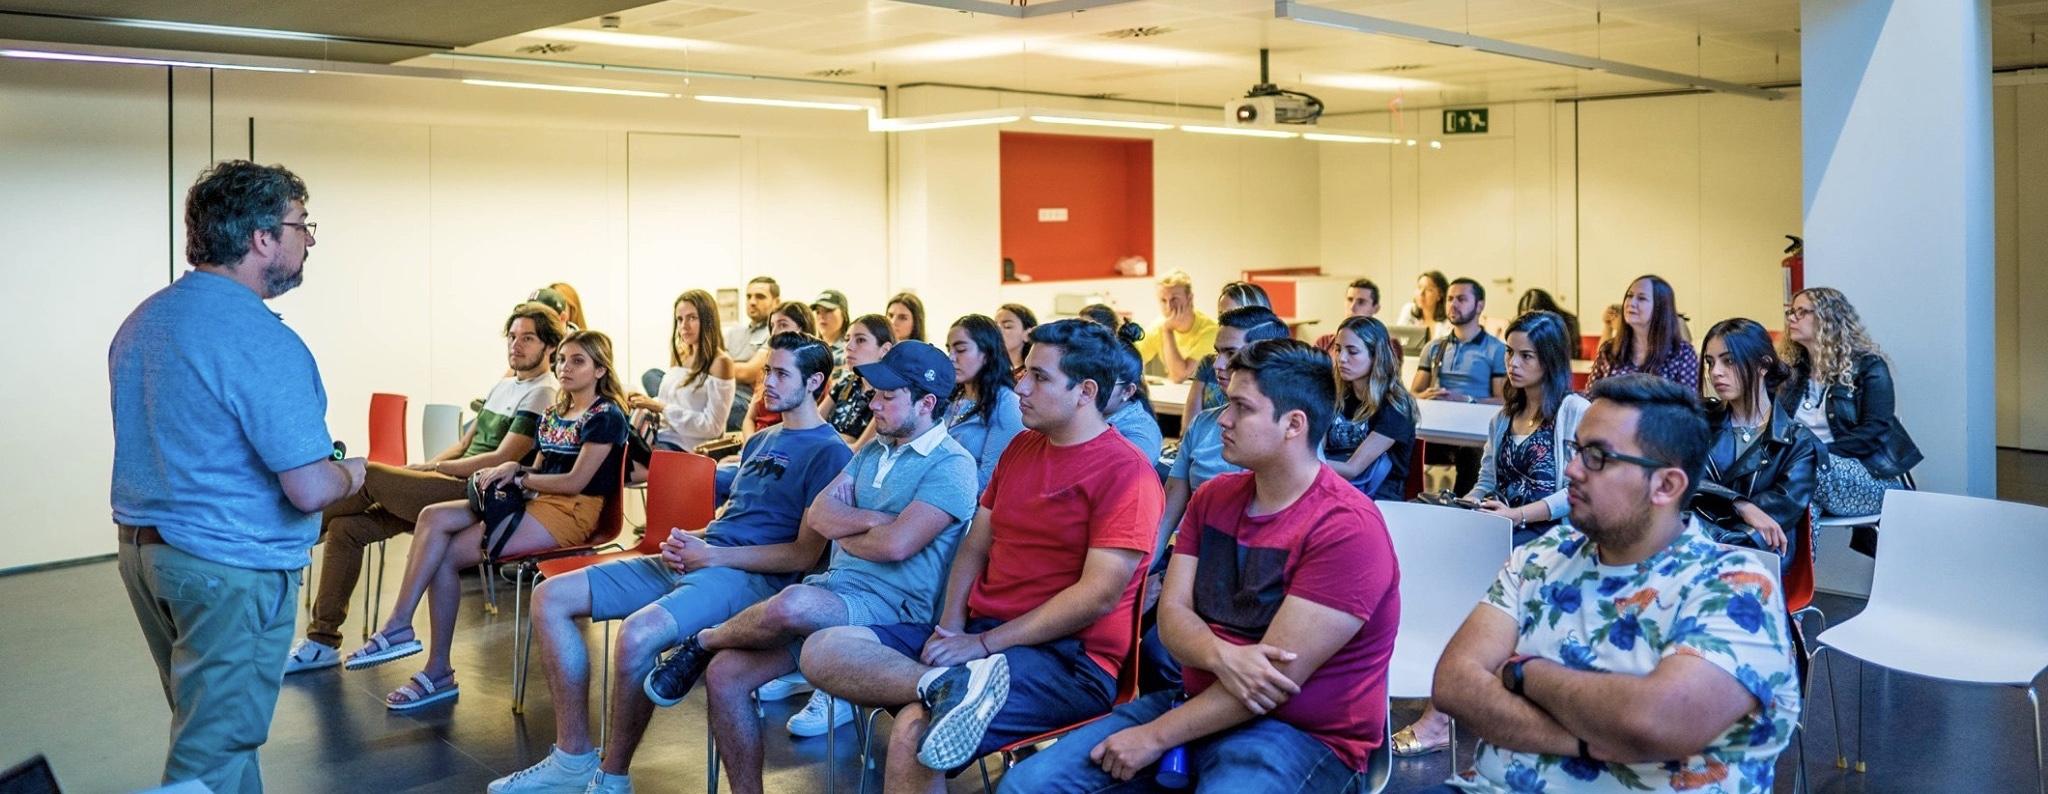 Summer courses: Welcoming students from TEC de Monterrey 2